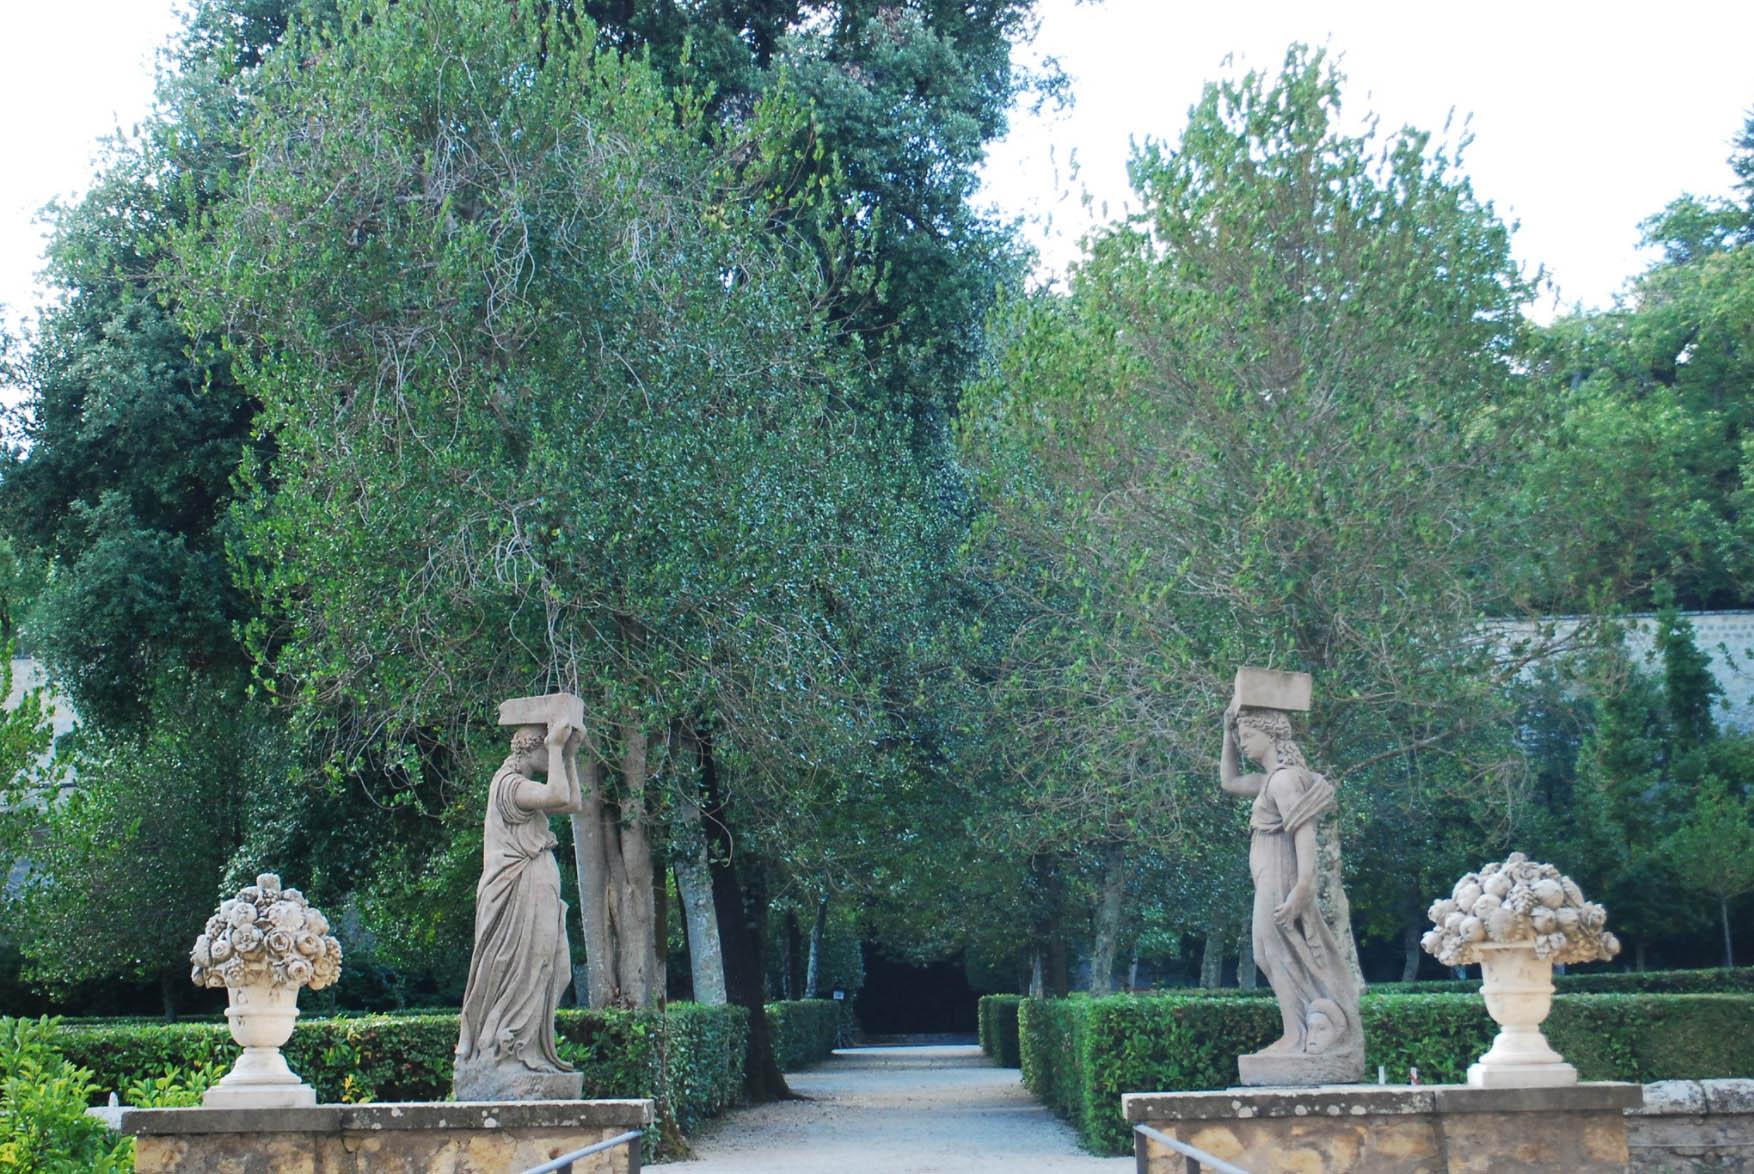 Palazzo Farnese - Caprarola - Latium - Italie visites privées